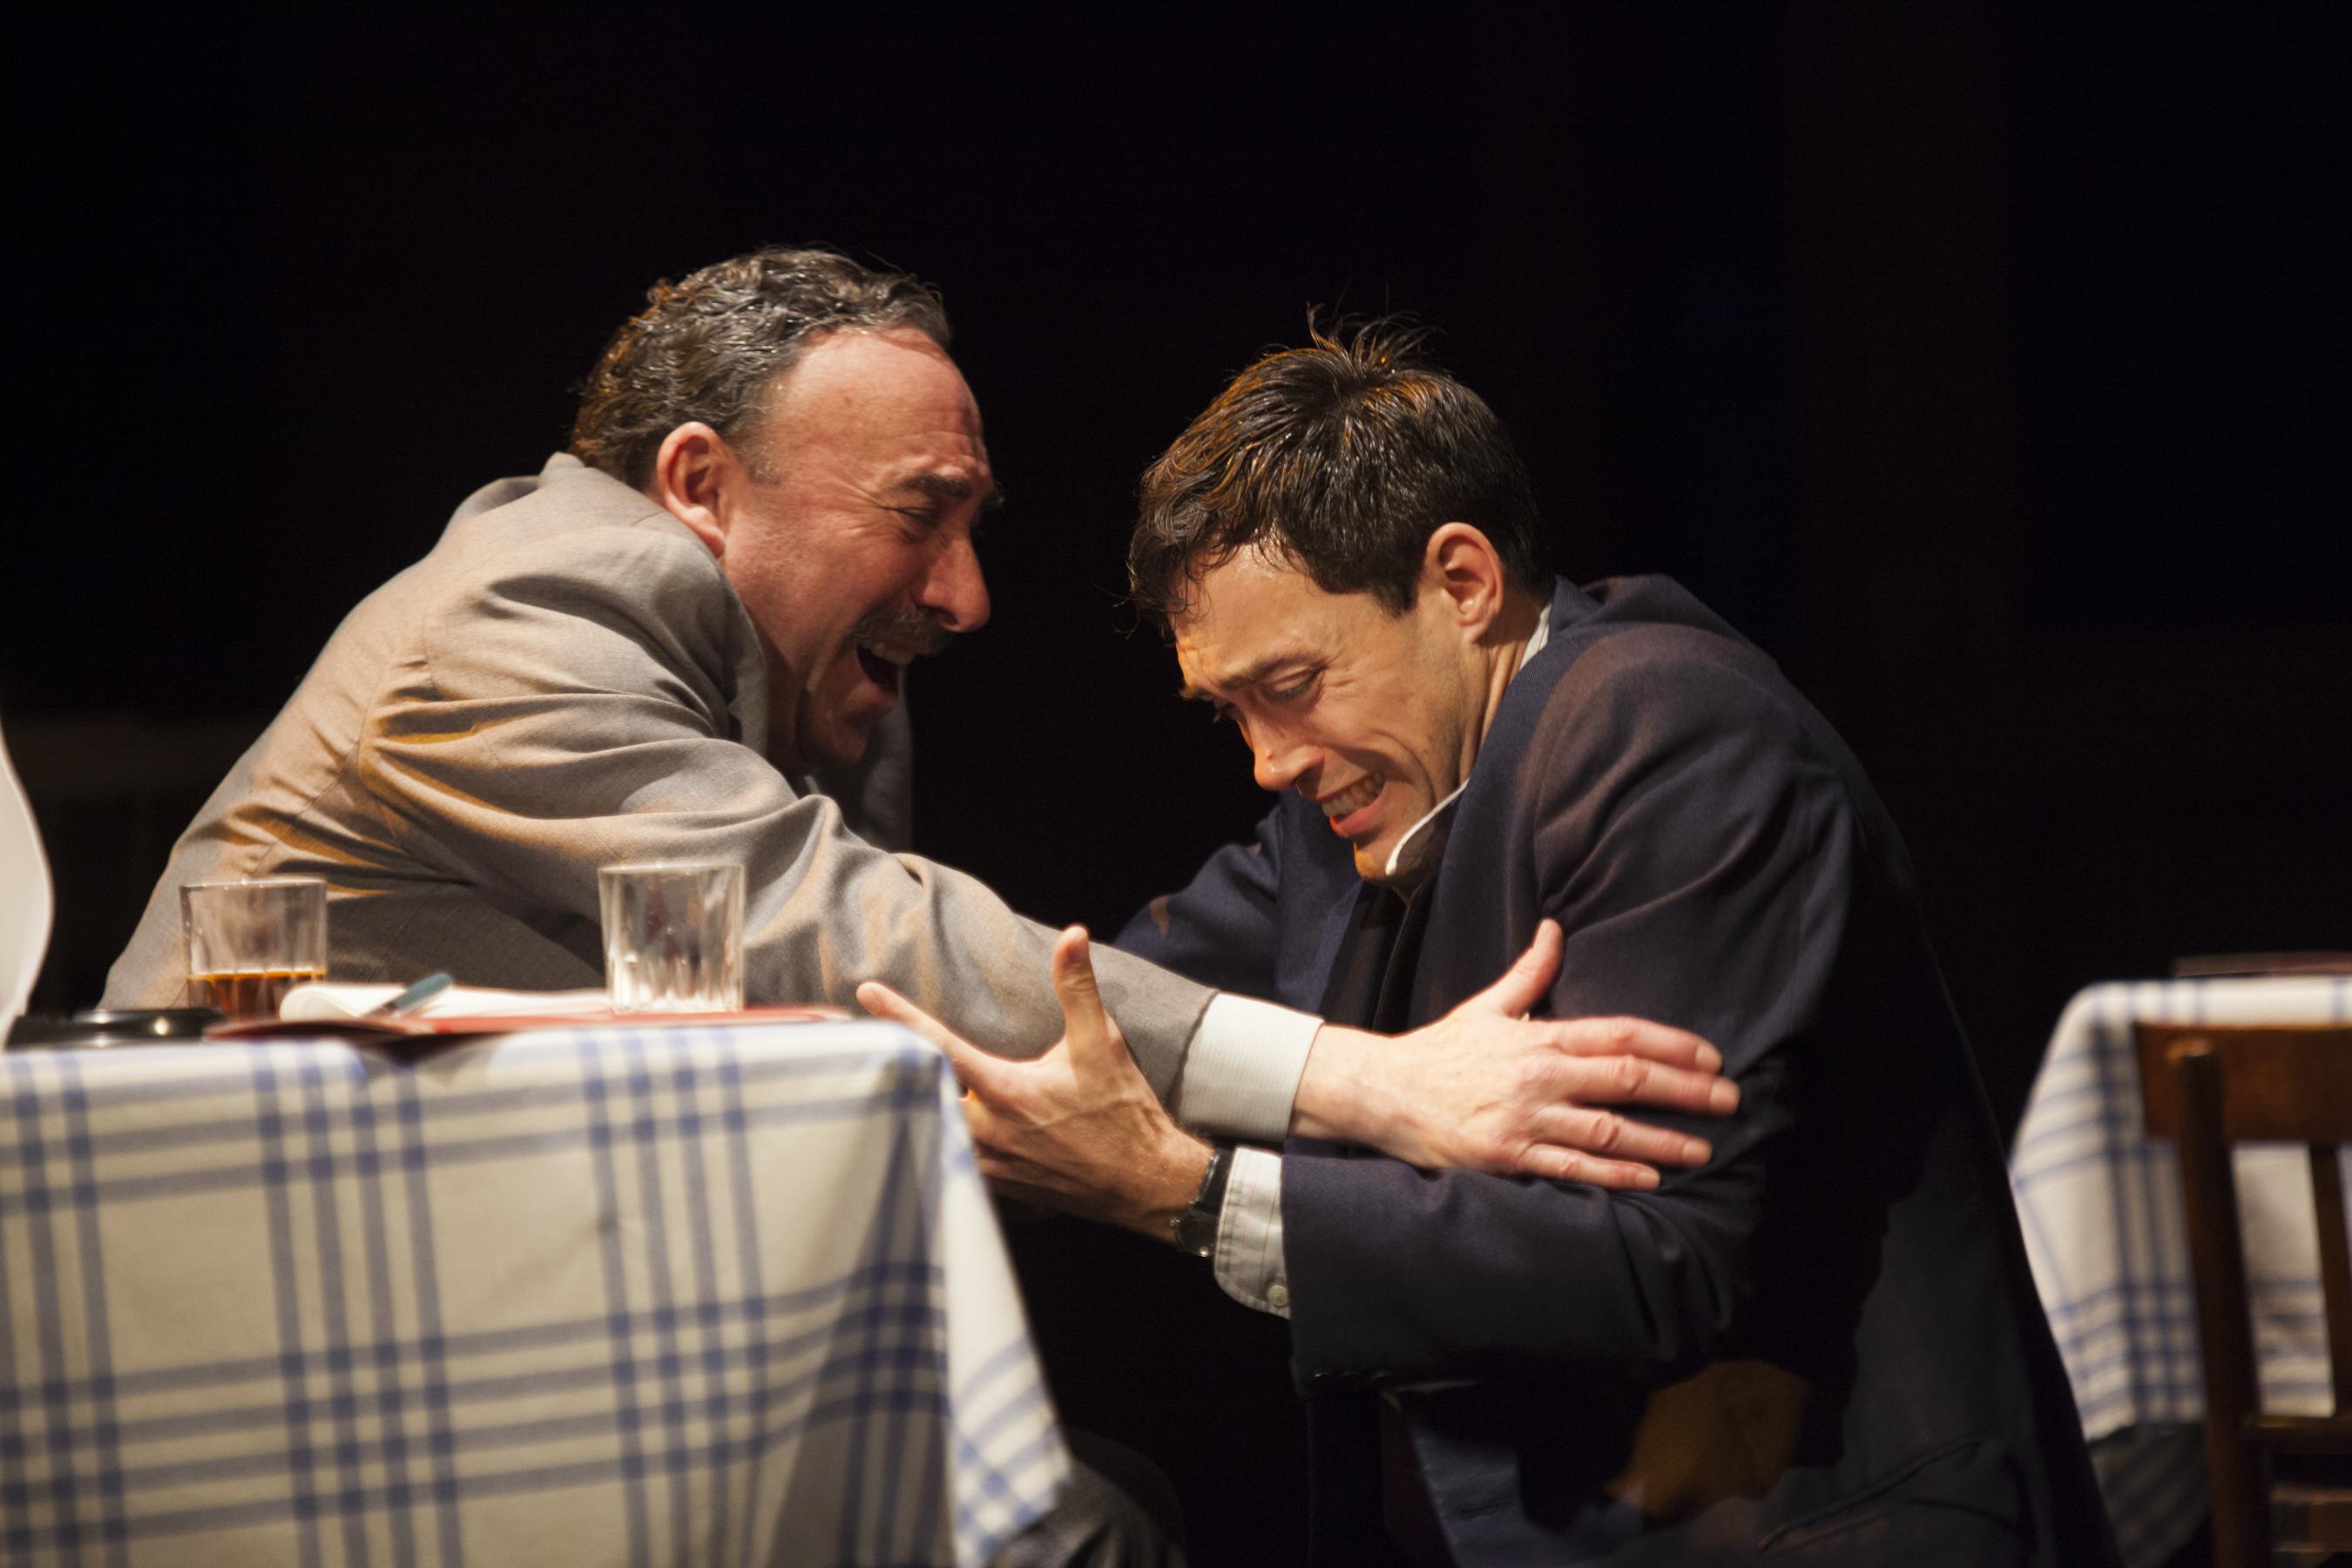 Theatre Review Of A Salesman Rsc Superb